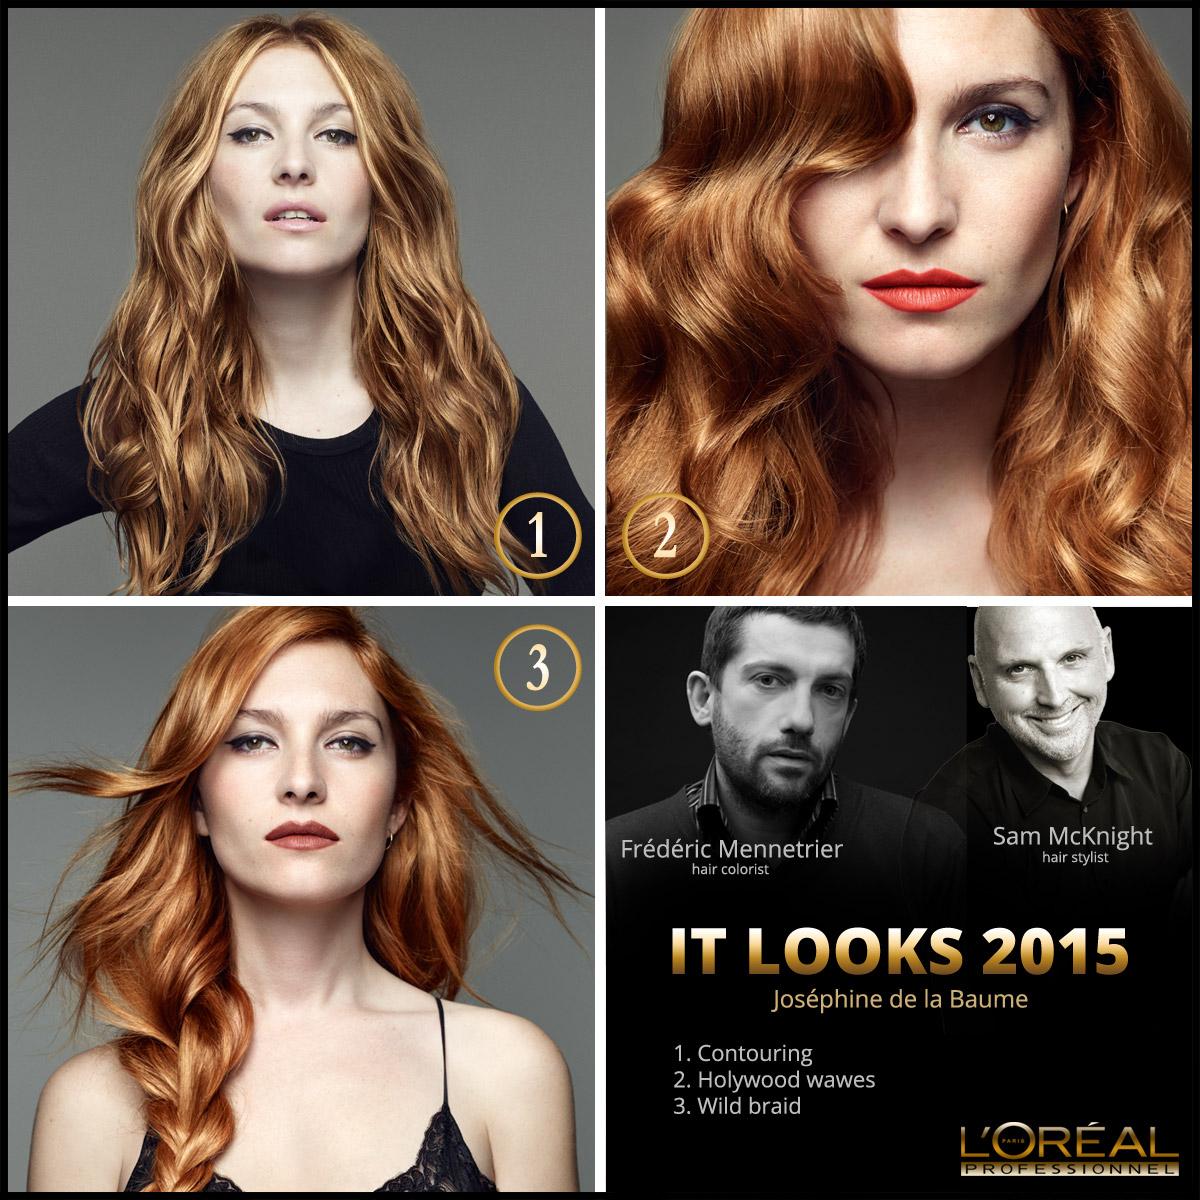 Nové účesy L'Oréal IT Looks 2015 pro letošní podzim a zimu v podání francouzské herečky a modelky Joséphine de la Baume